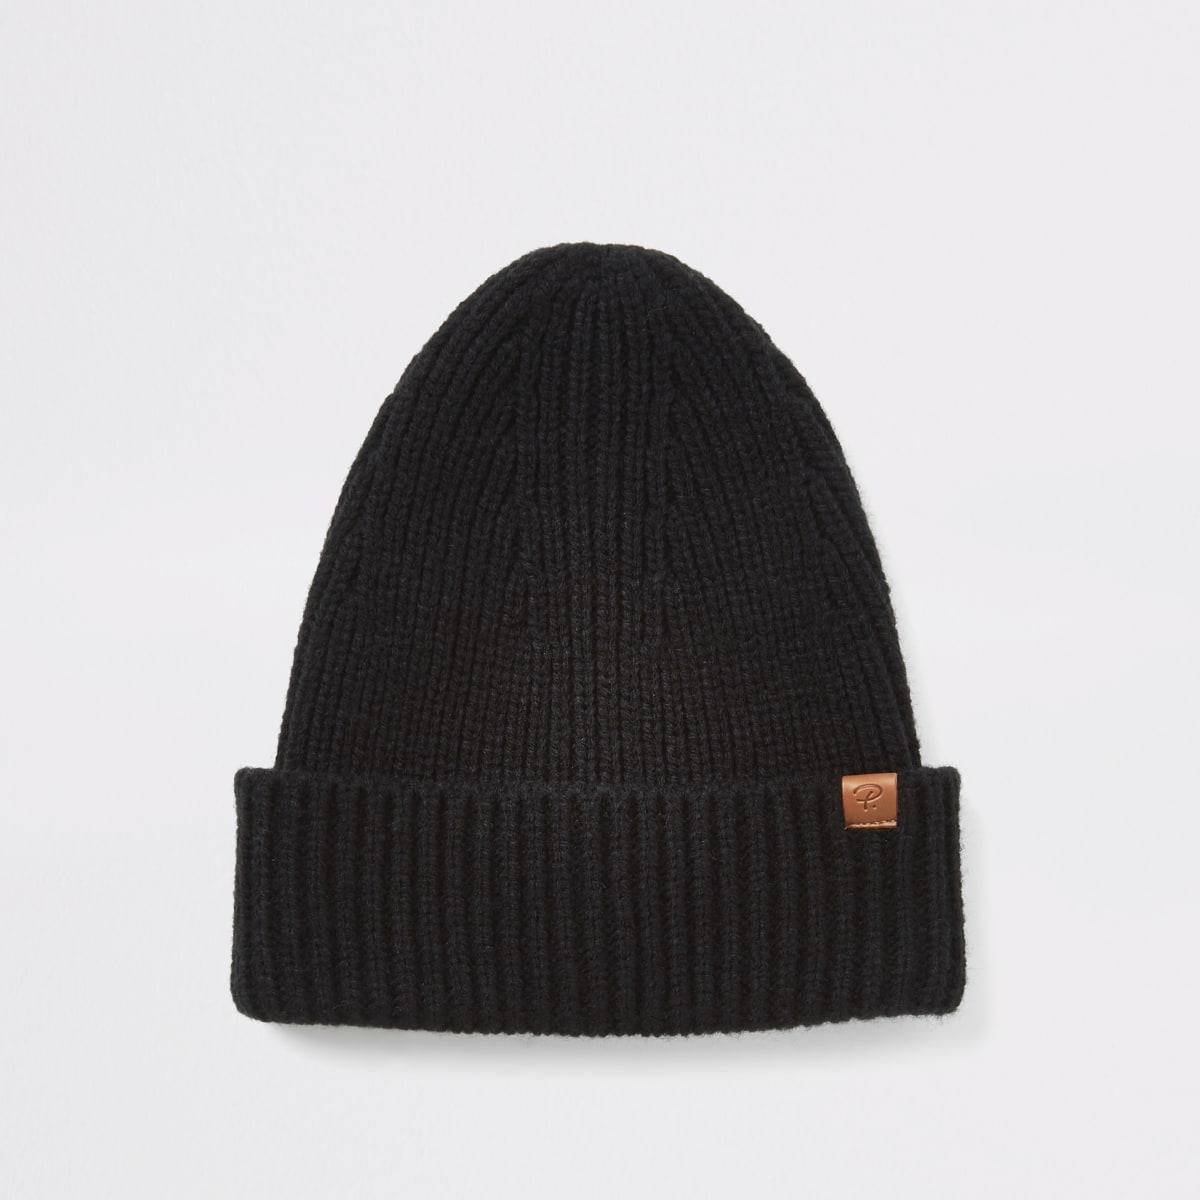 Bonnet de pêcheur en maille noir